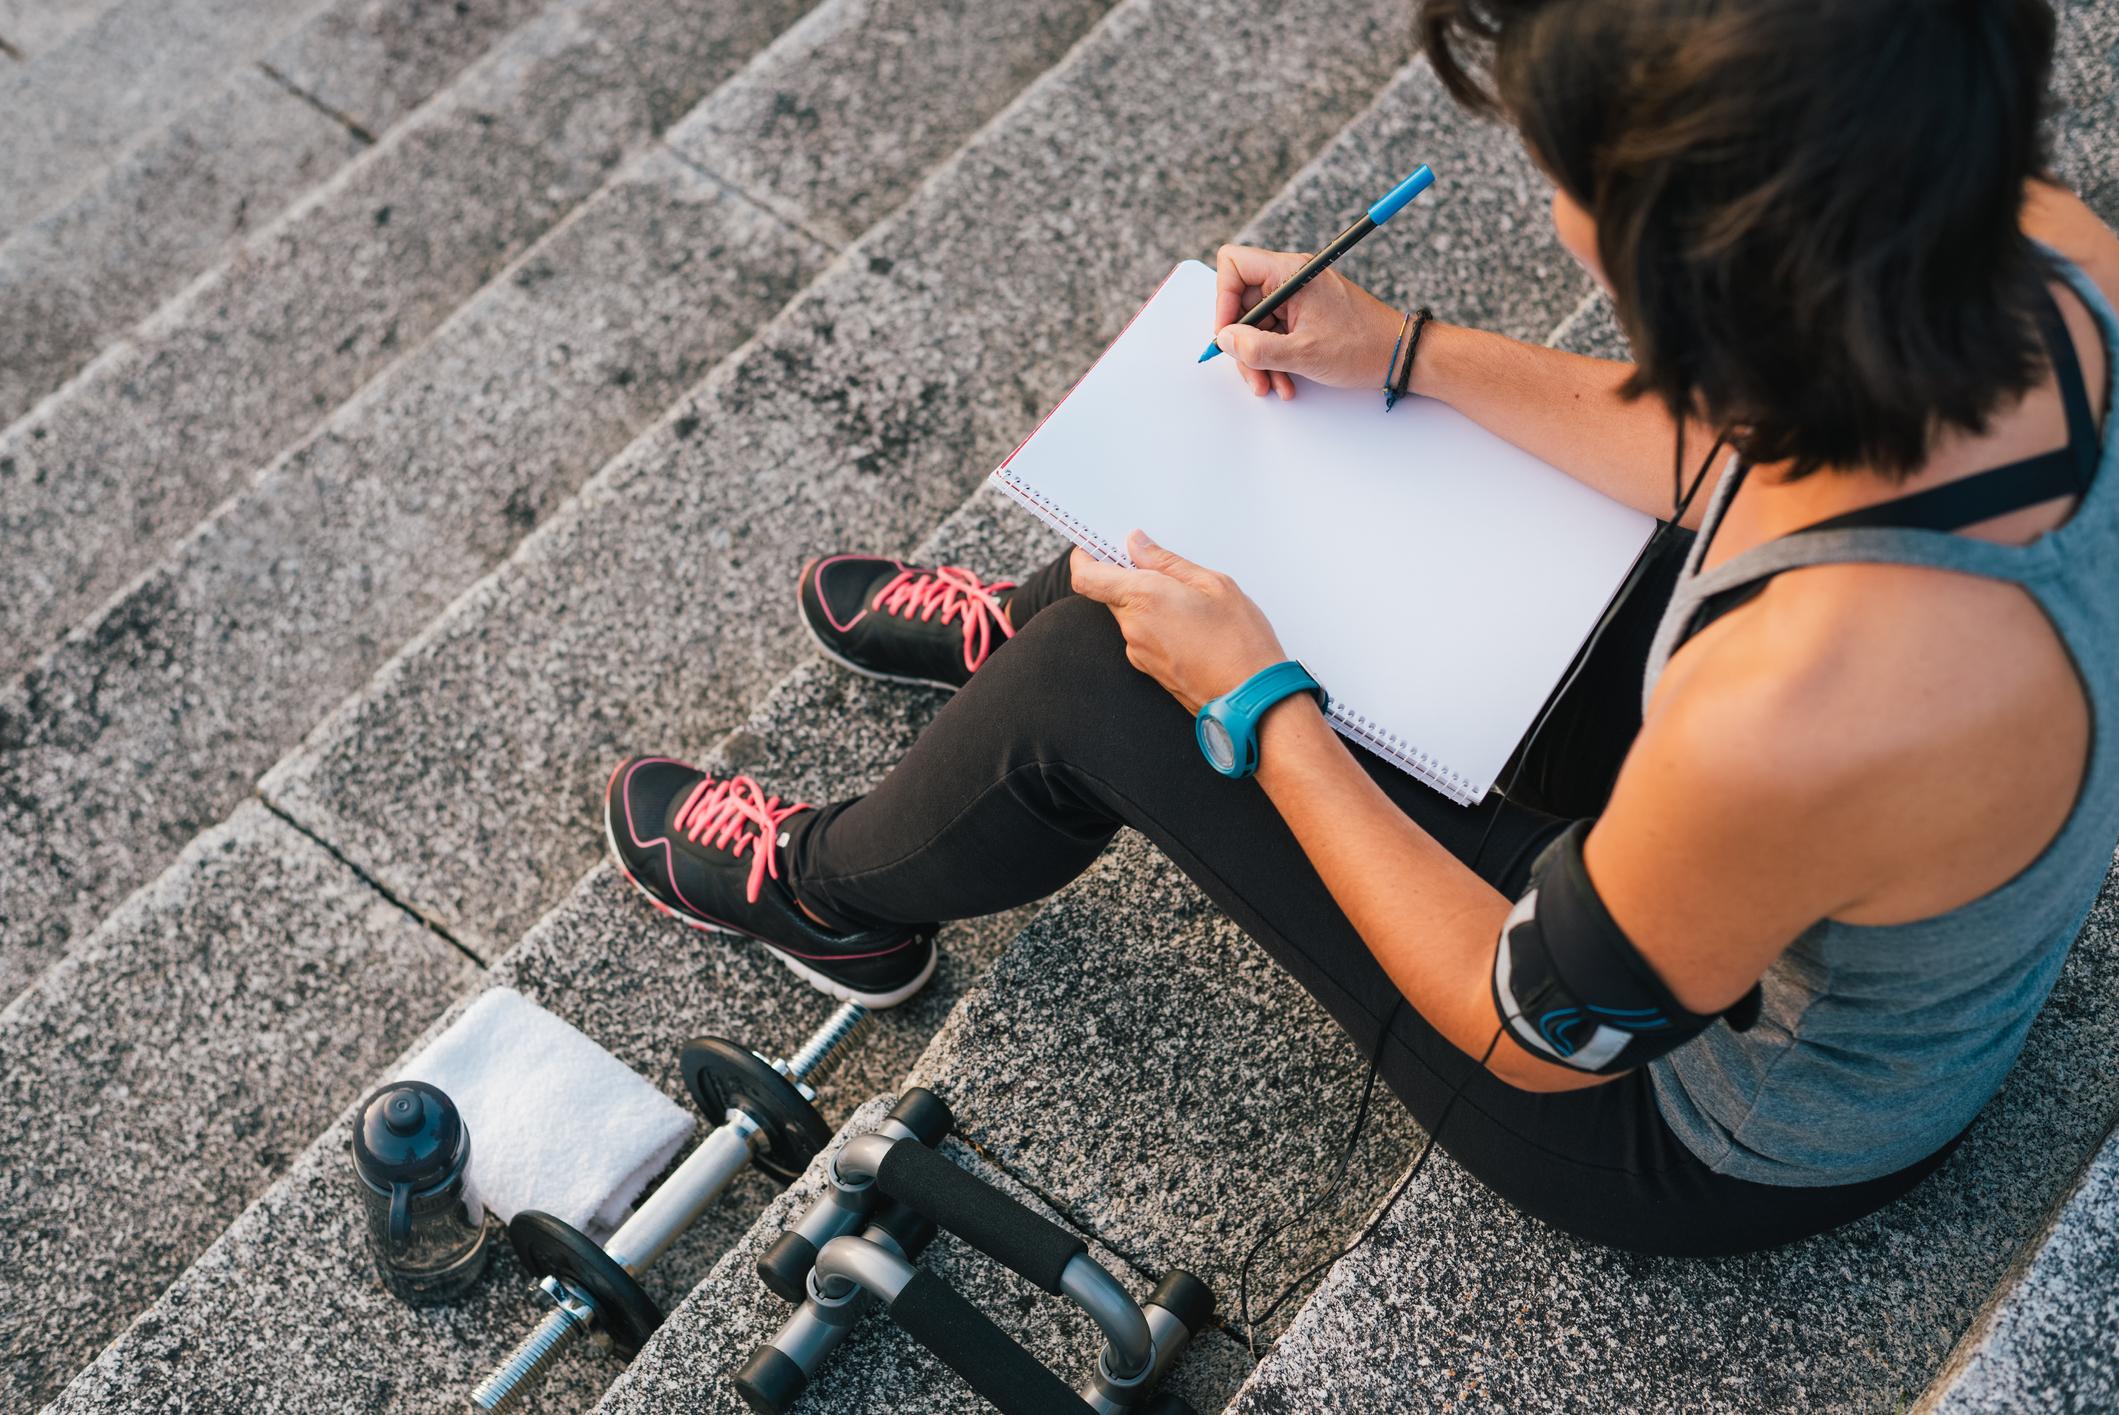 Fitness mujer deportiva escribiendo en el bloc de notas en blanco mientras está sentado en las escaleras de piedra urbana antes de la rutina de ejercicios de ejercicios. Atleta femenina centrándose en sus objetivos - consejos para motivarse a hacer ejercicio